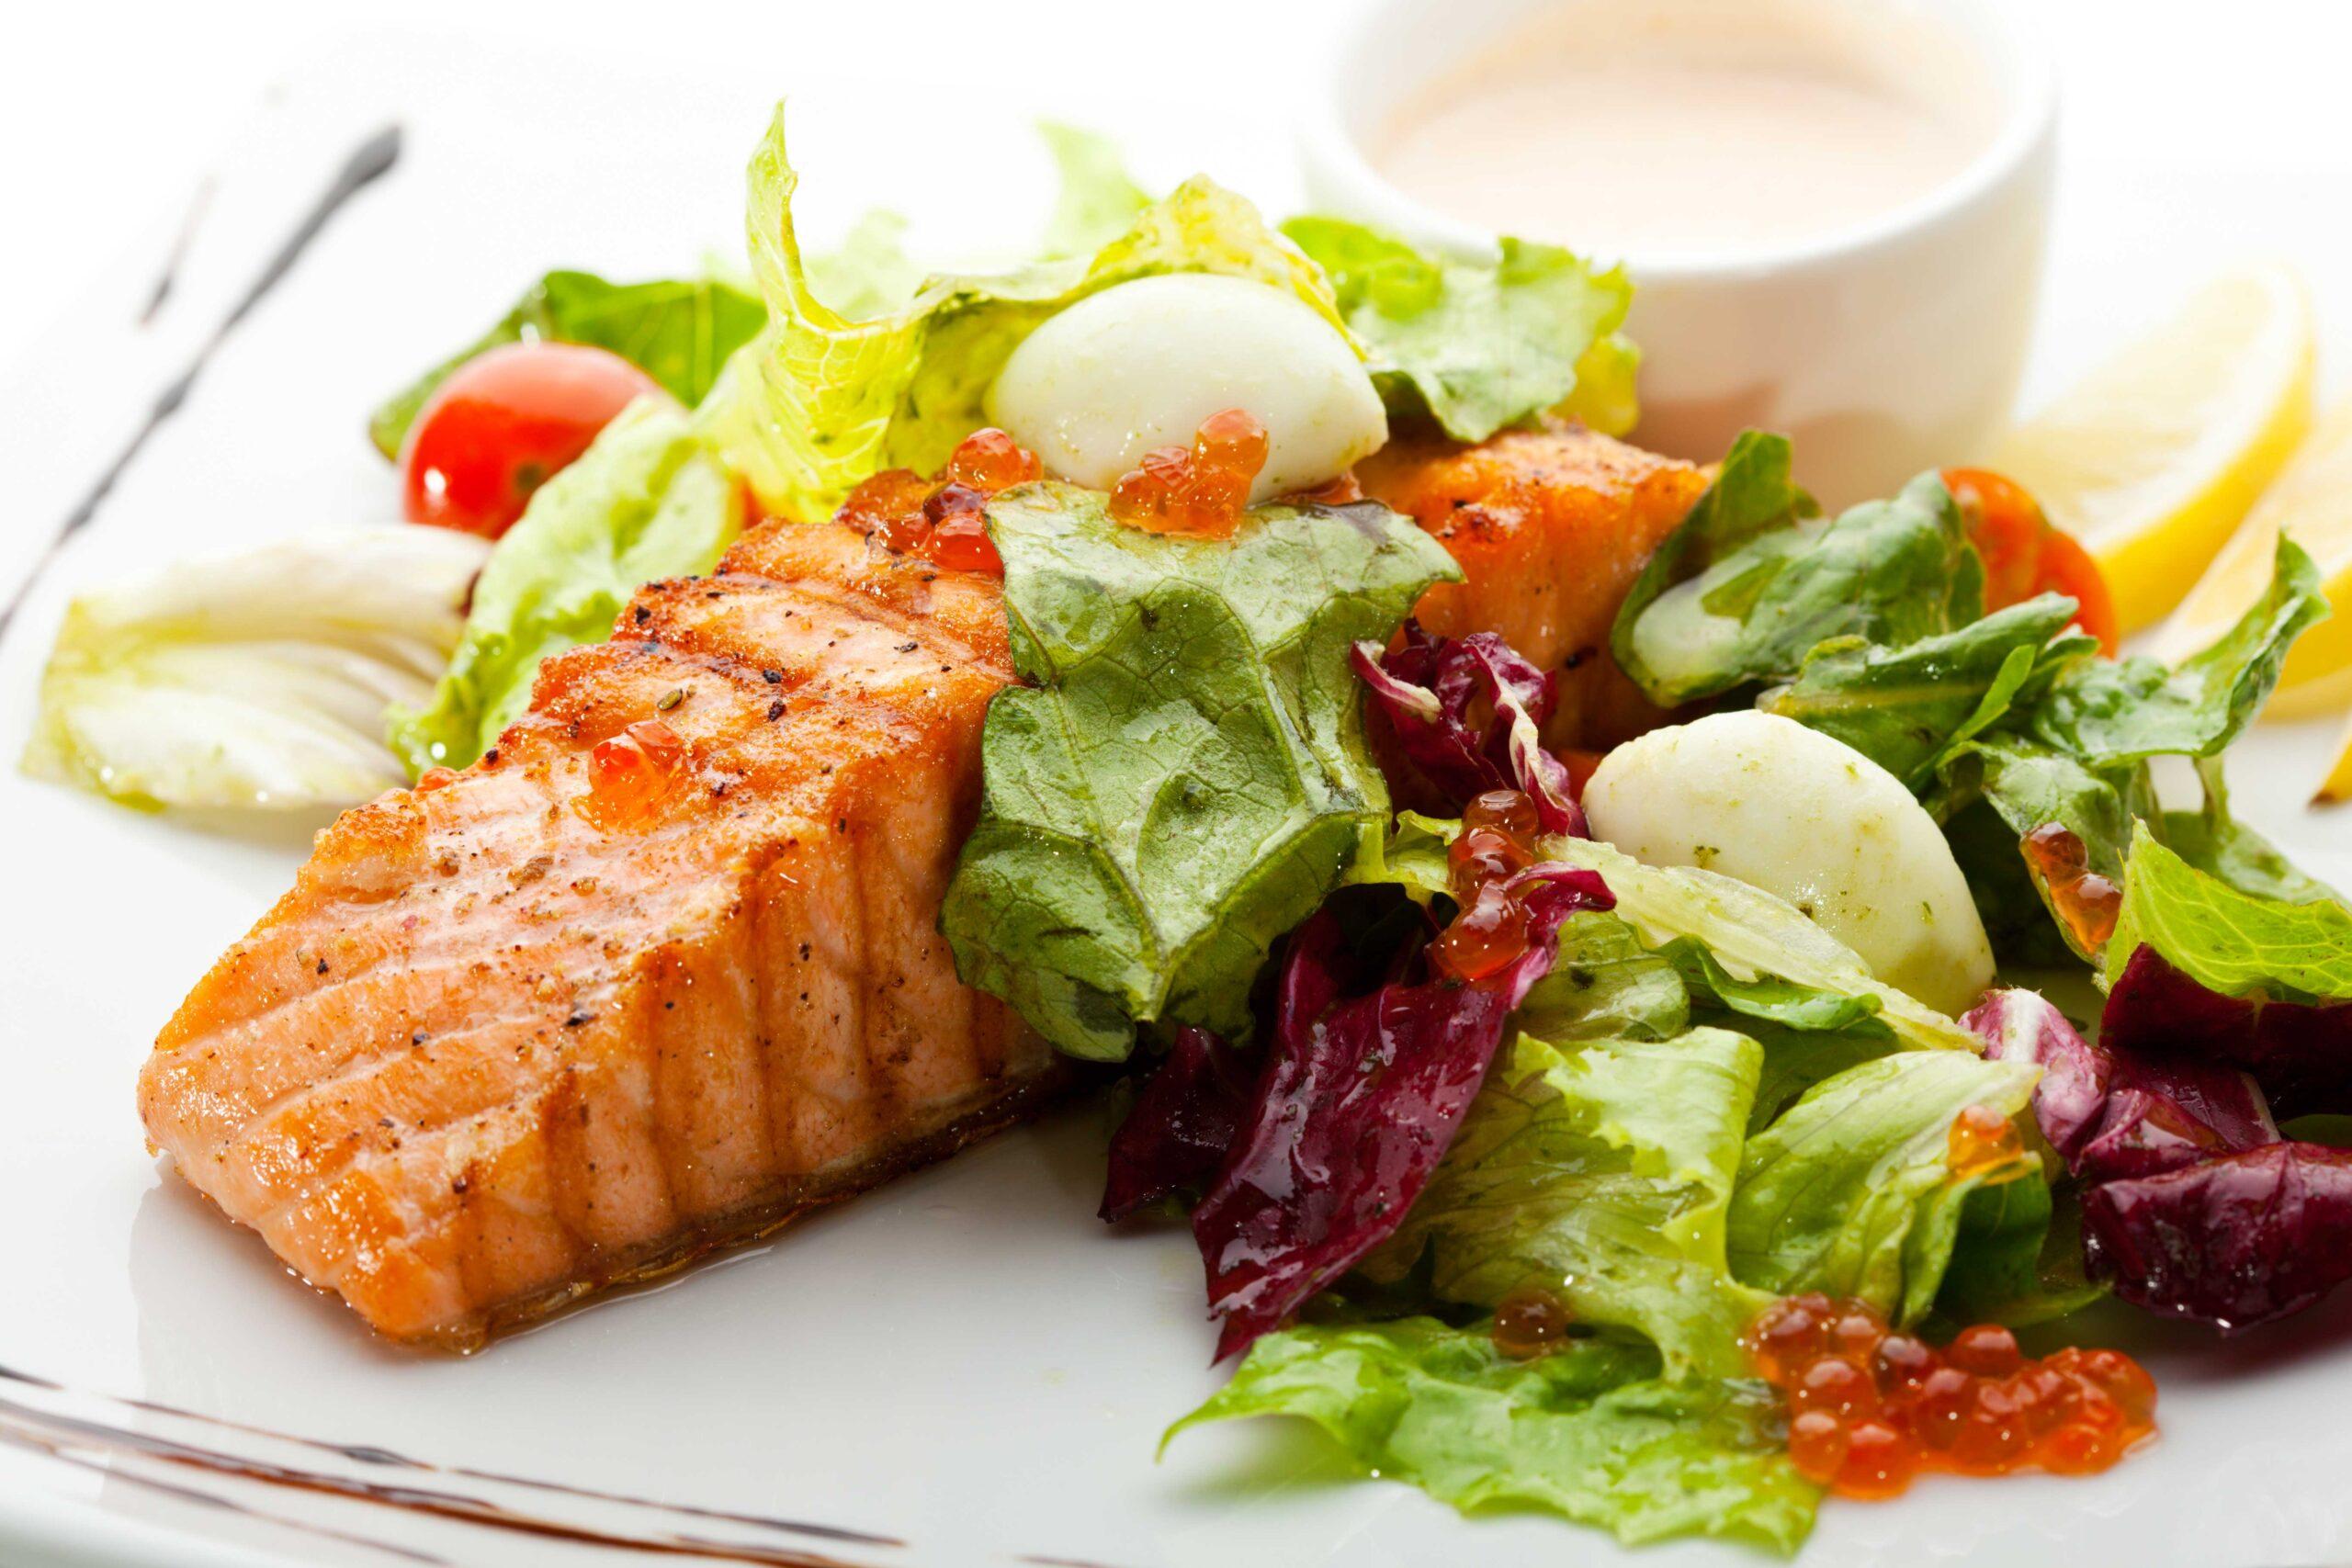 一周減肥餐食材補充知識